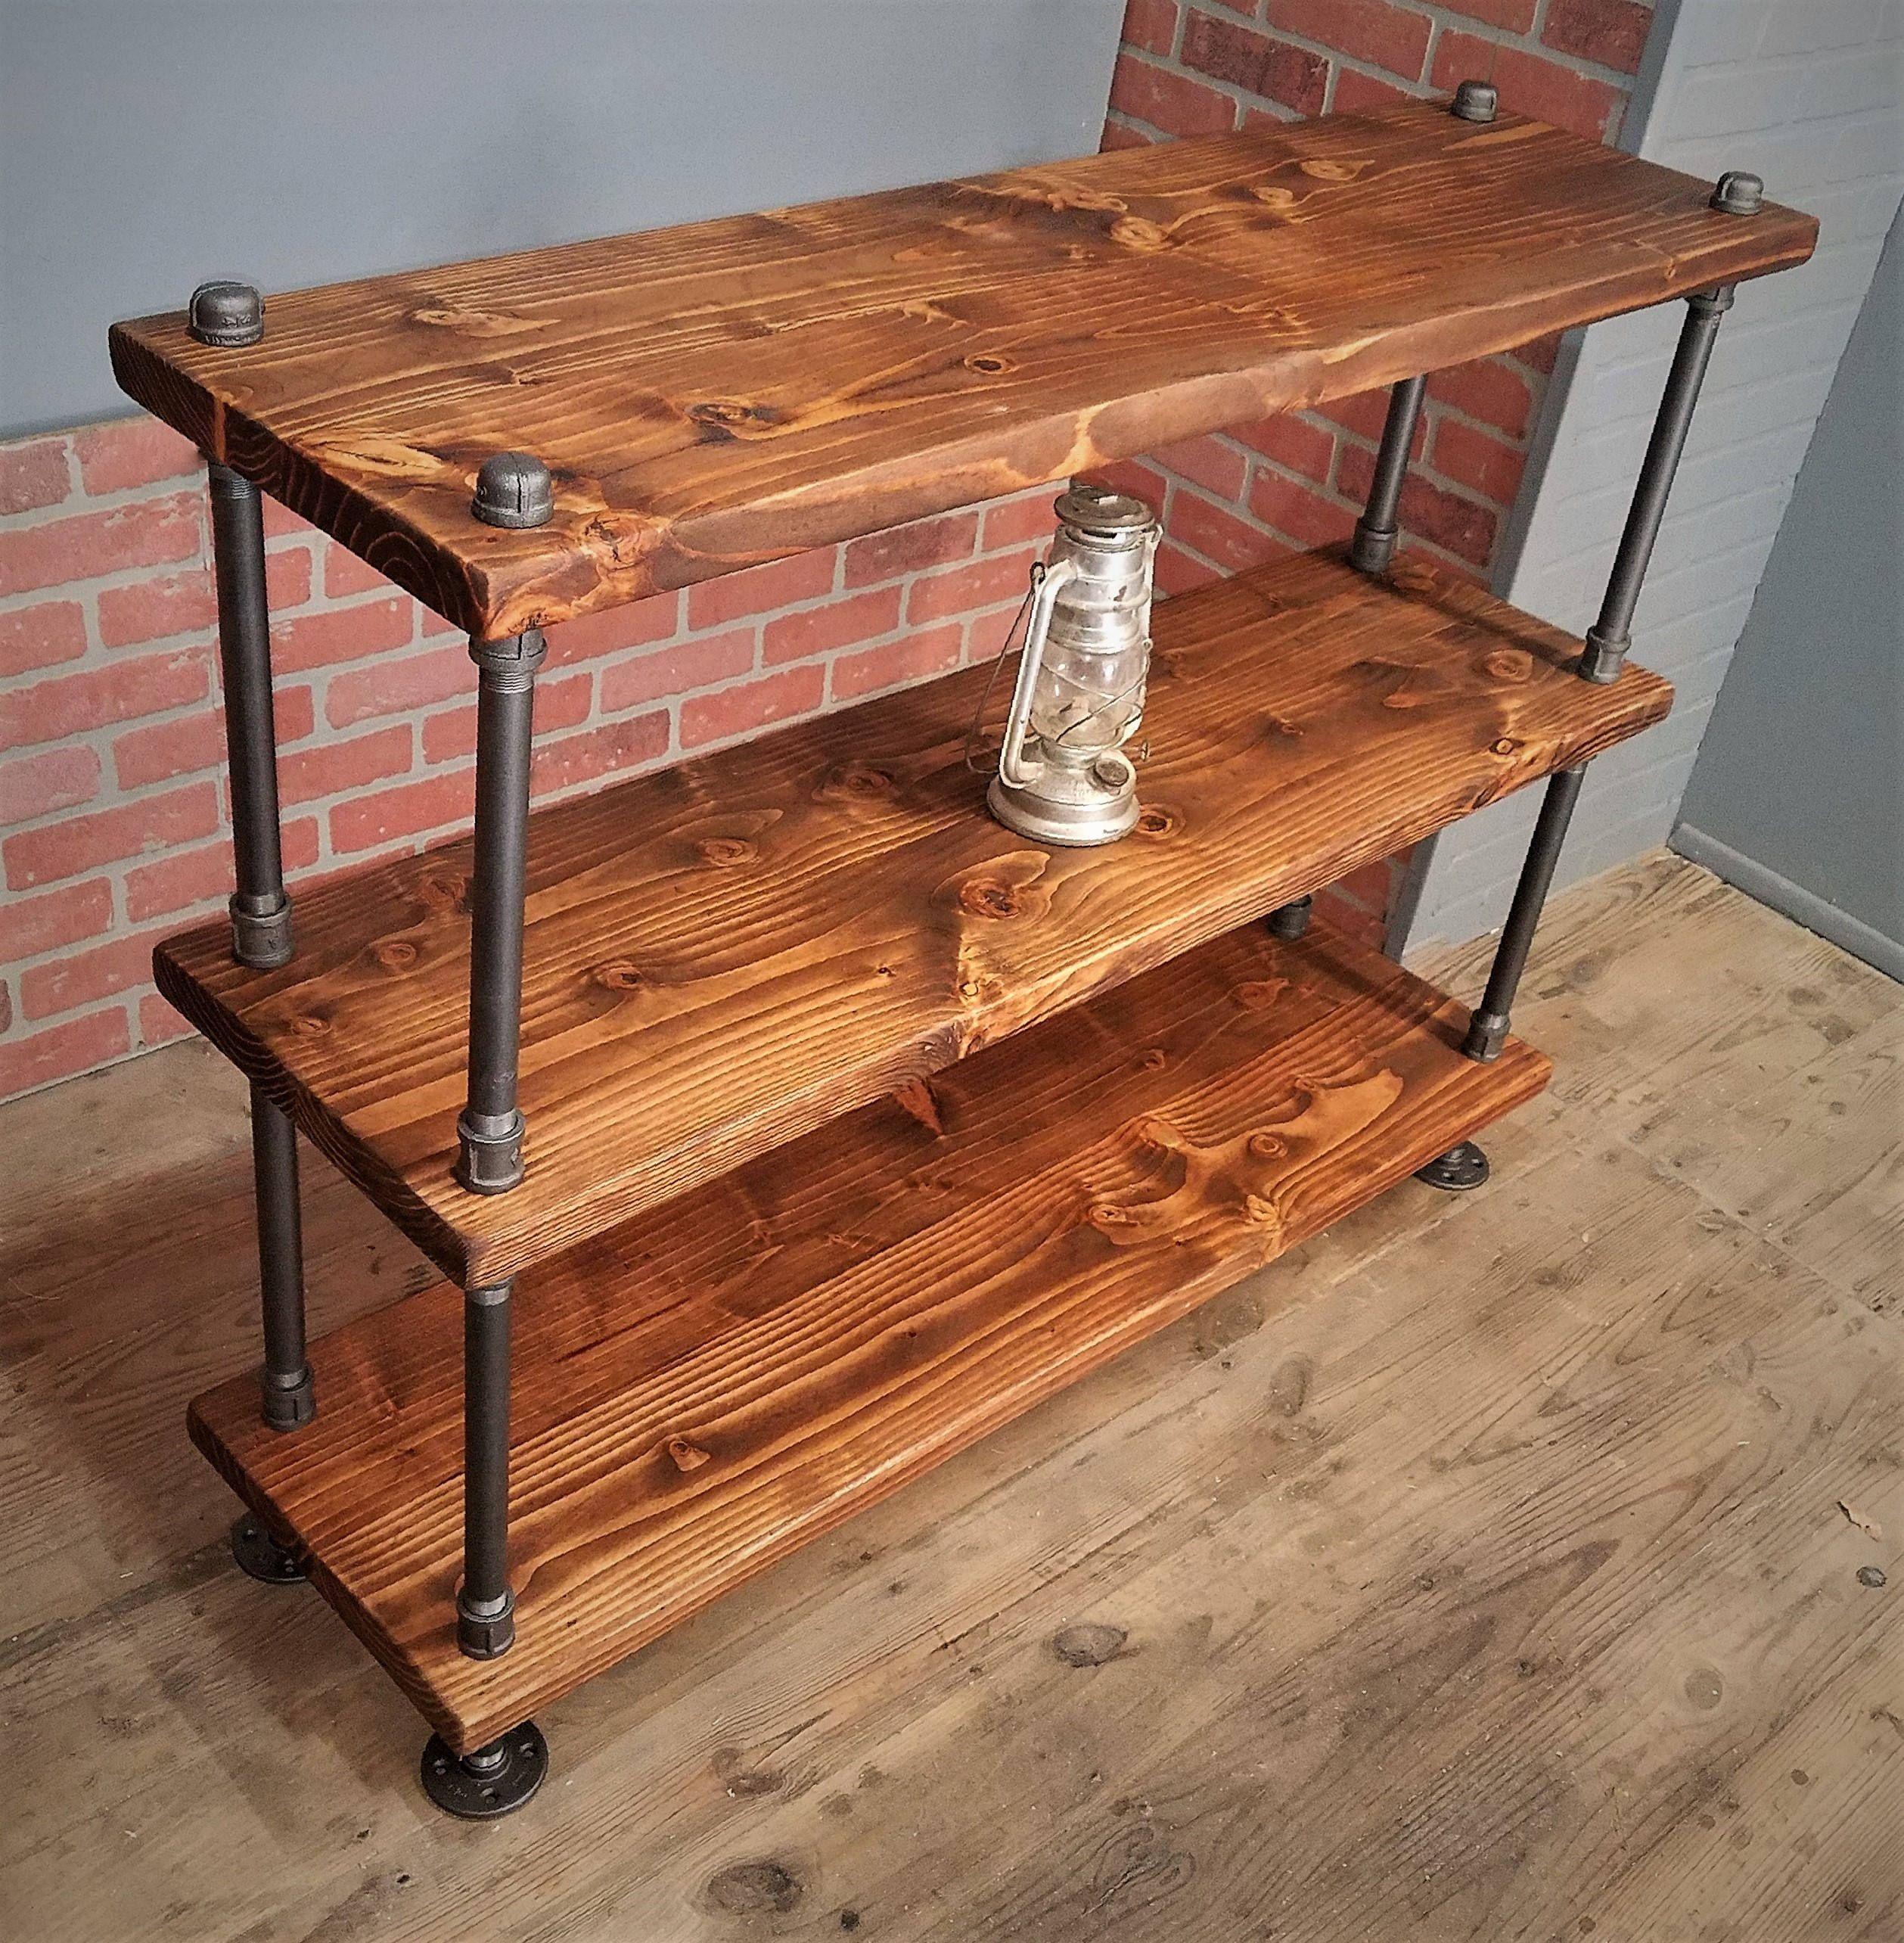 rustic industrial shelf solid wood steel pipes rustic bookshelf